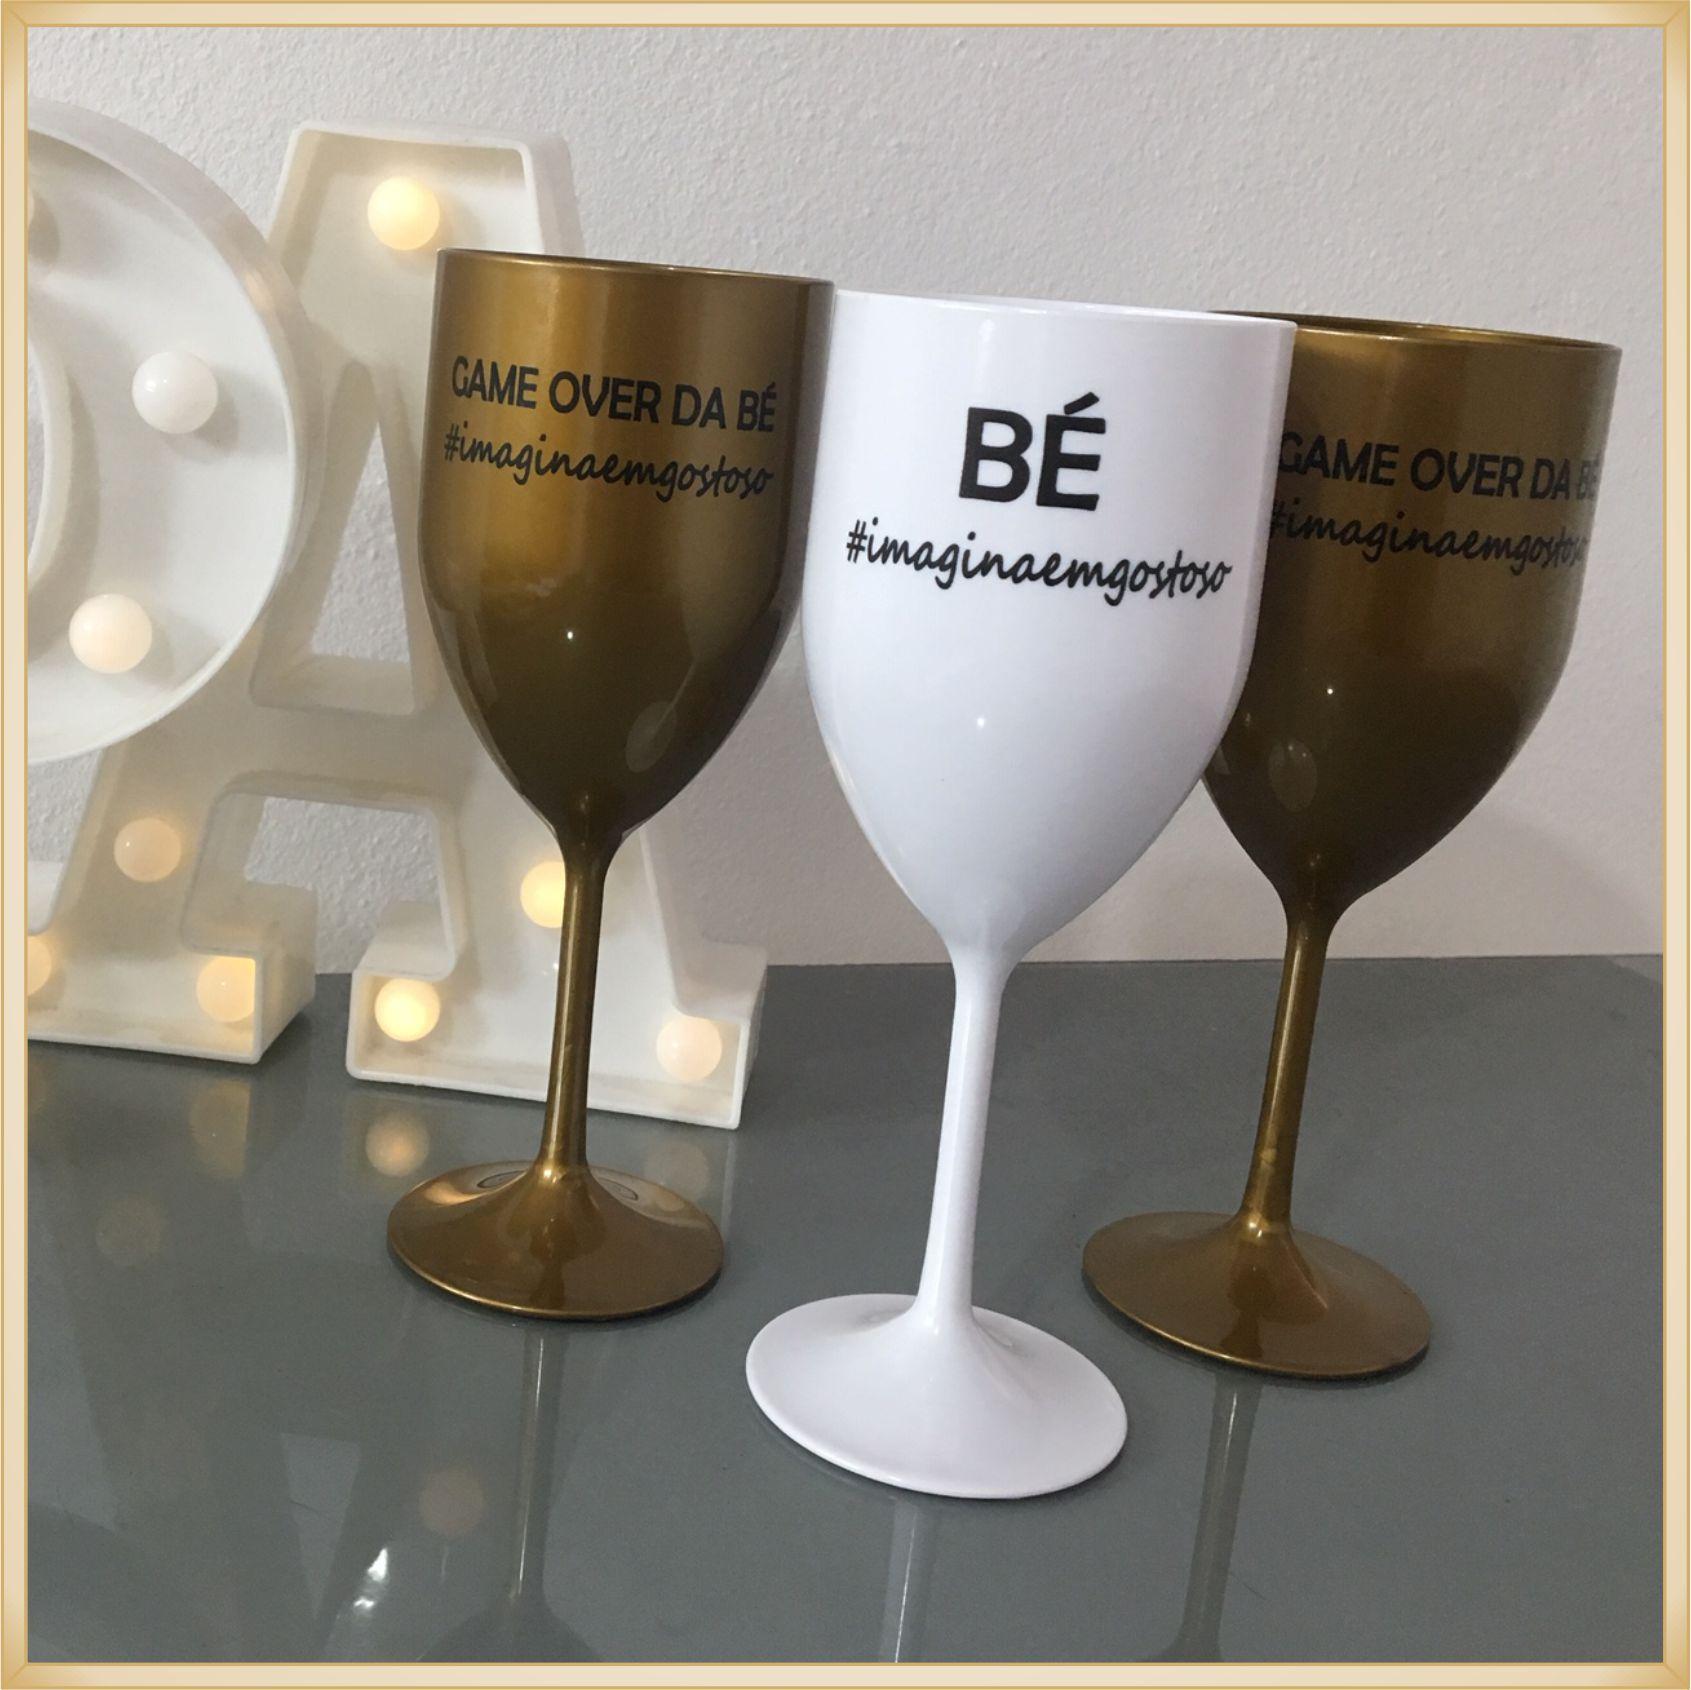 Taças de acrílico Personalizadas para Casamento - estampas de qualidade, brilhante, acabamento perfeito, parede de 2,0 mm, 350 ml. - kit 50 unidades